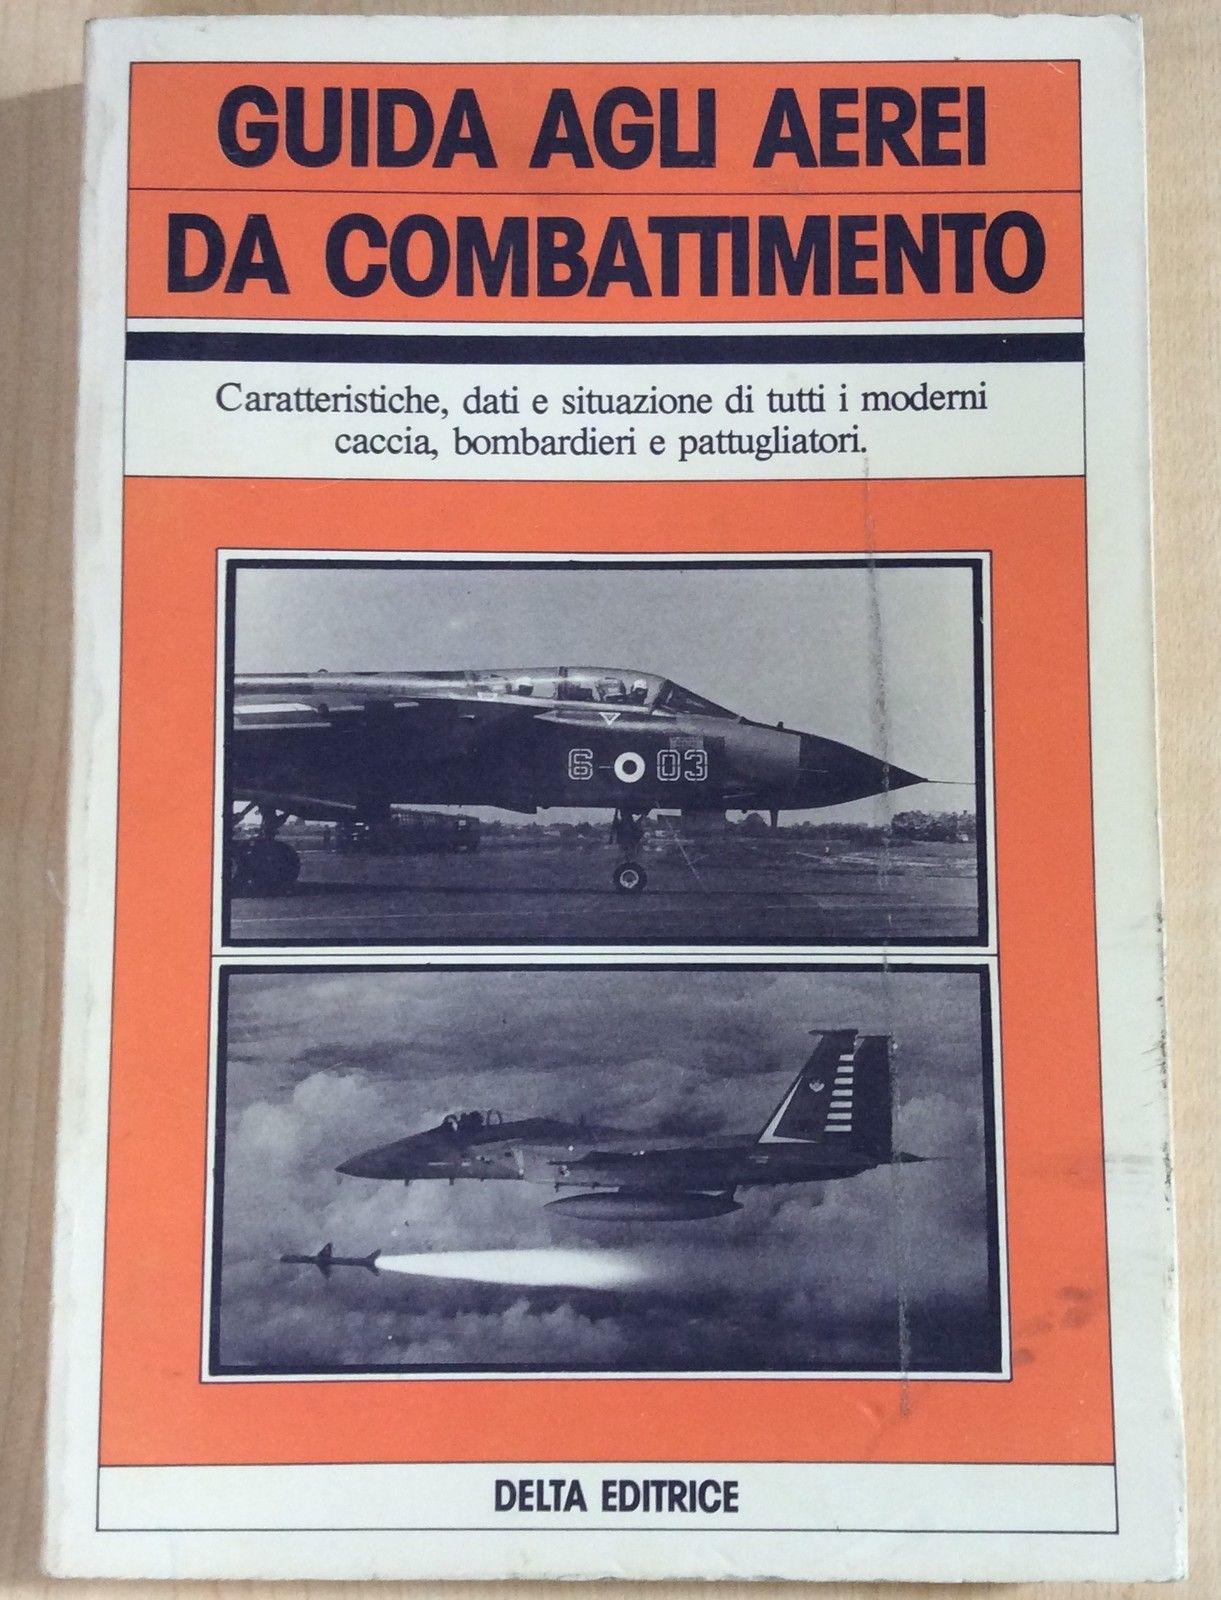 Guida agli aerei da combattimento